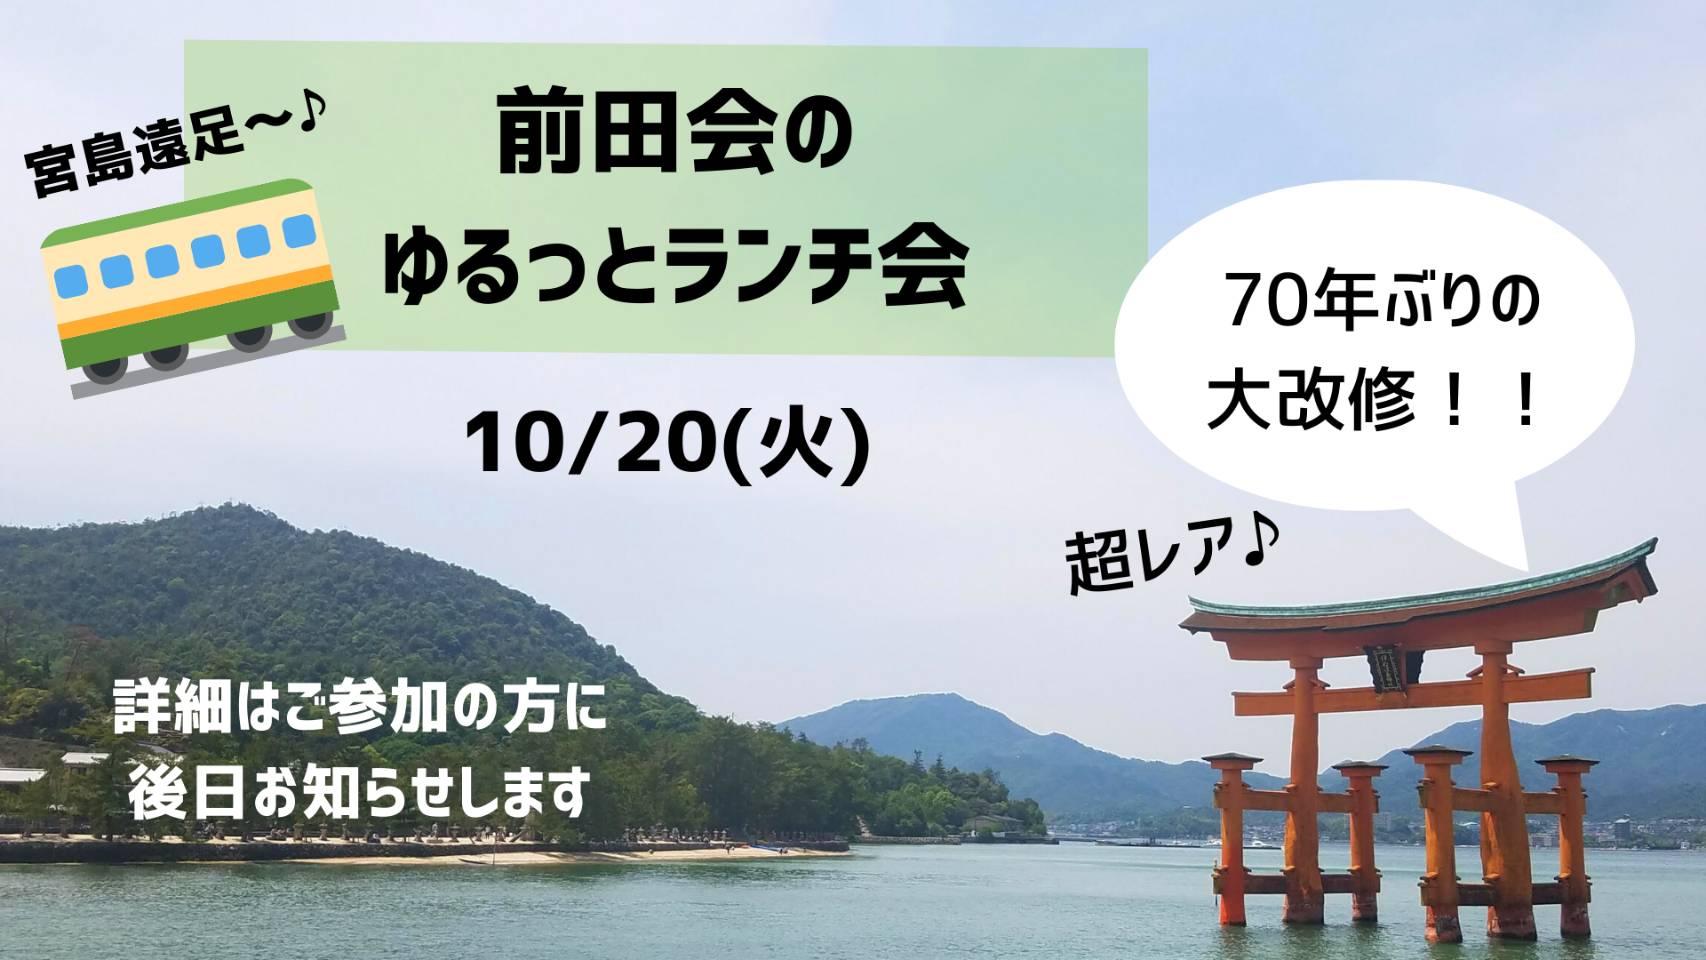 【宮島】第33回前田会のゆるっとランチ会のお知らせ